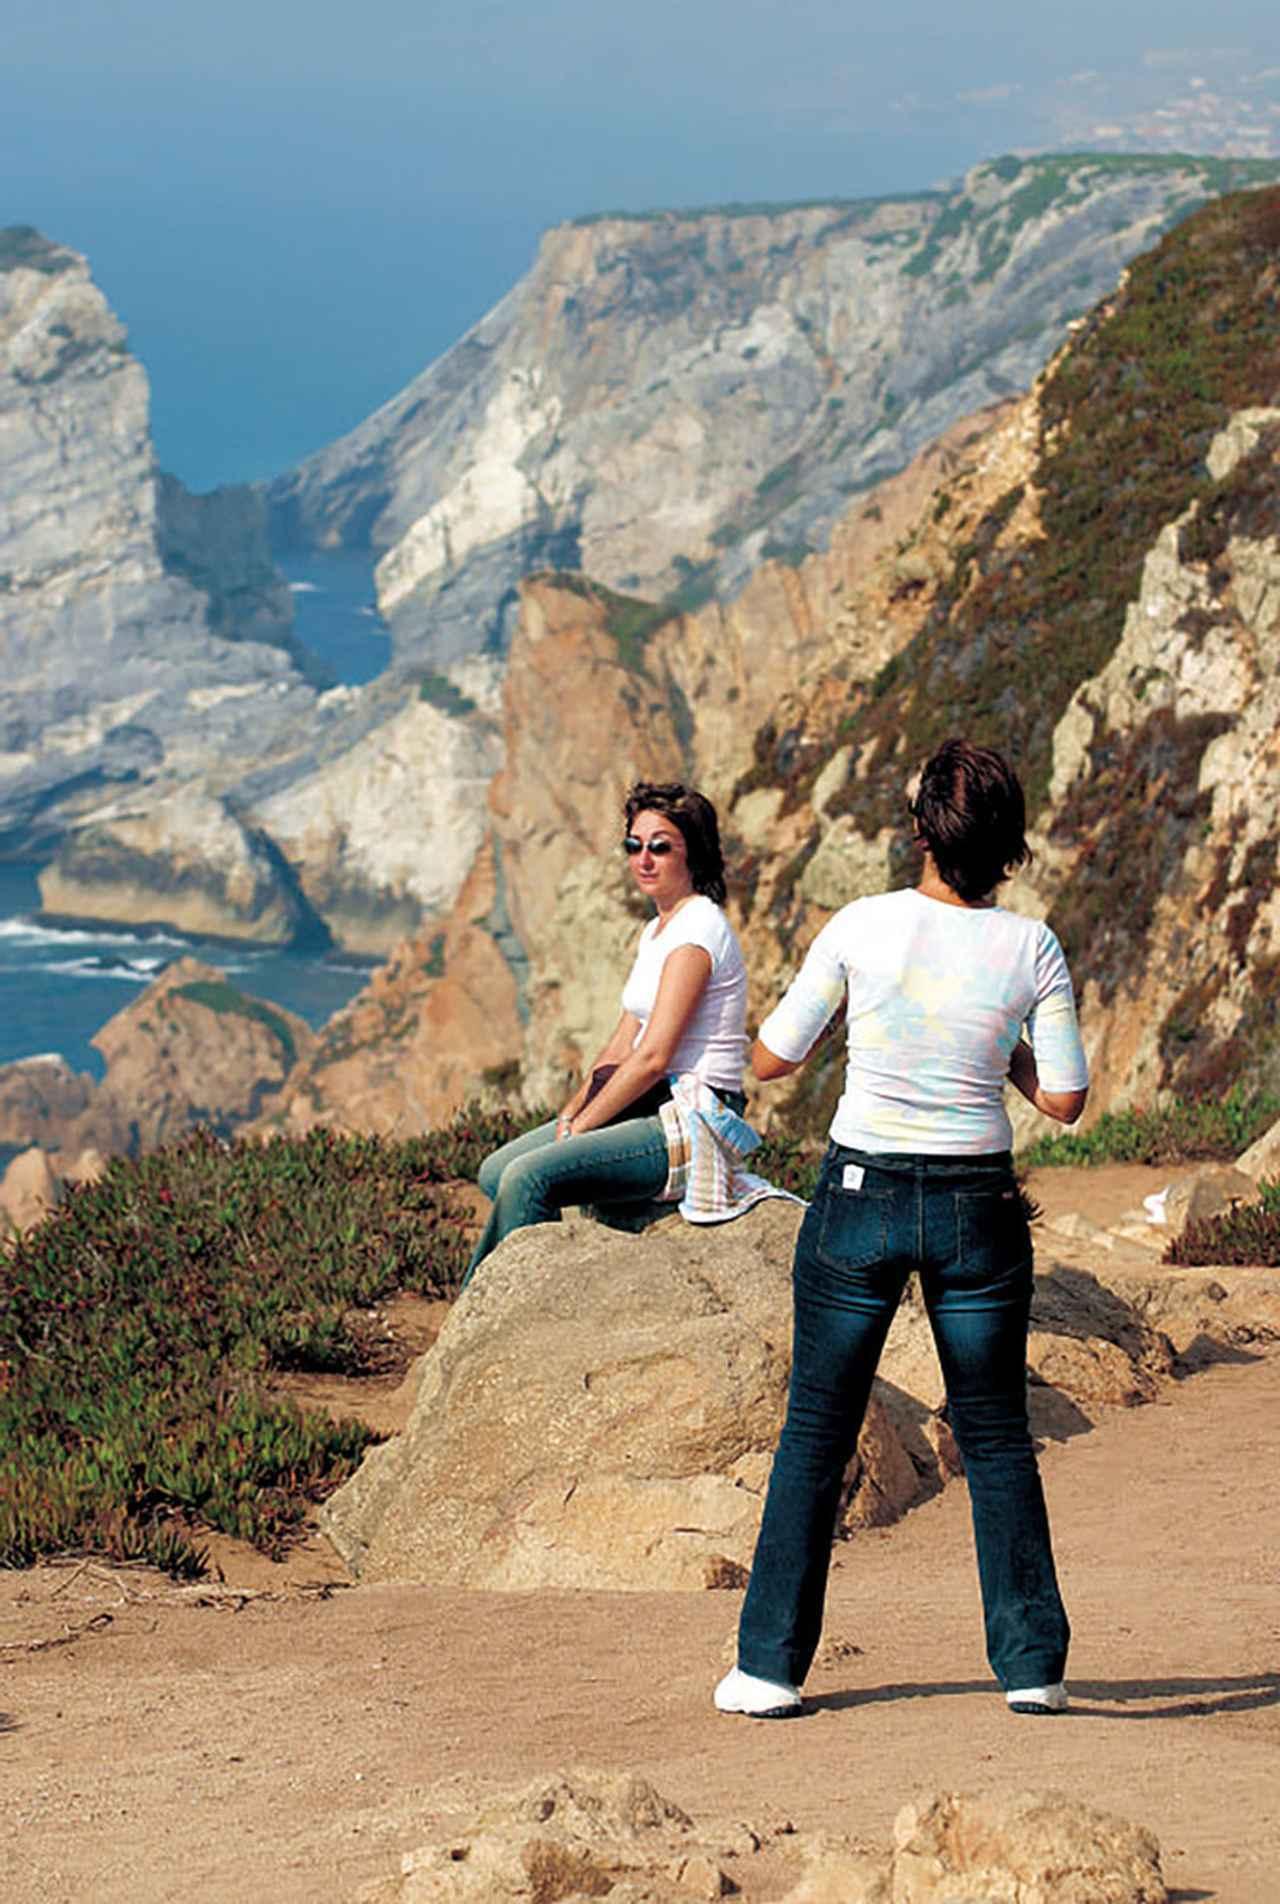 画像: 陸と海が交わる景観を誇るロカ岬は、観光客たちで賑わっていた。記事のトップ画像はポルトガルの道路沿いに点在していた同国名産のコルクの木(この2点/撮影:田丸氏)。